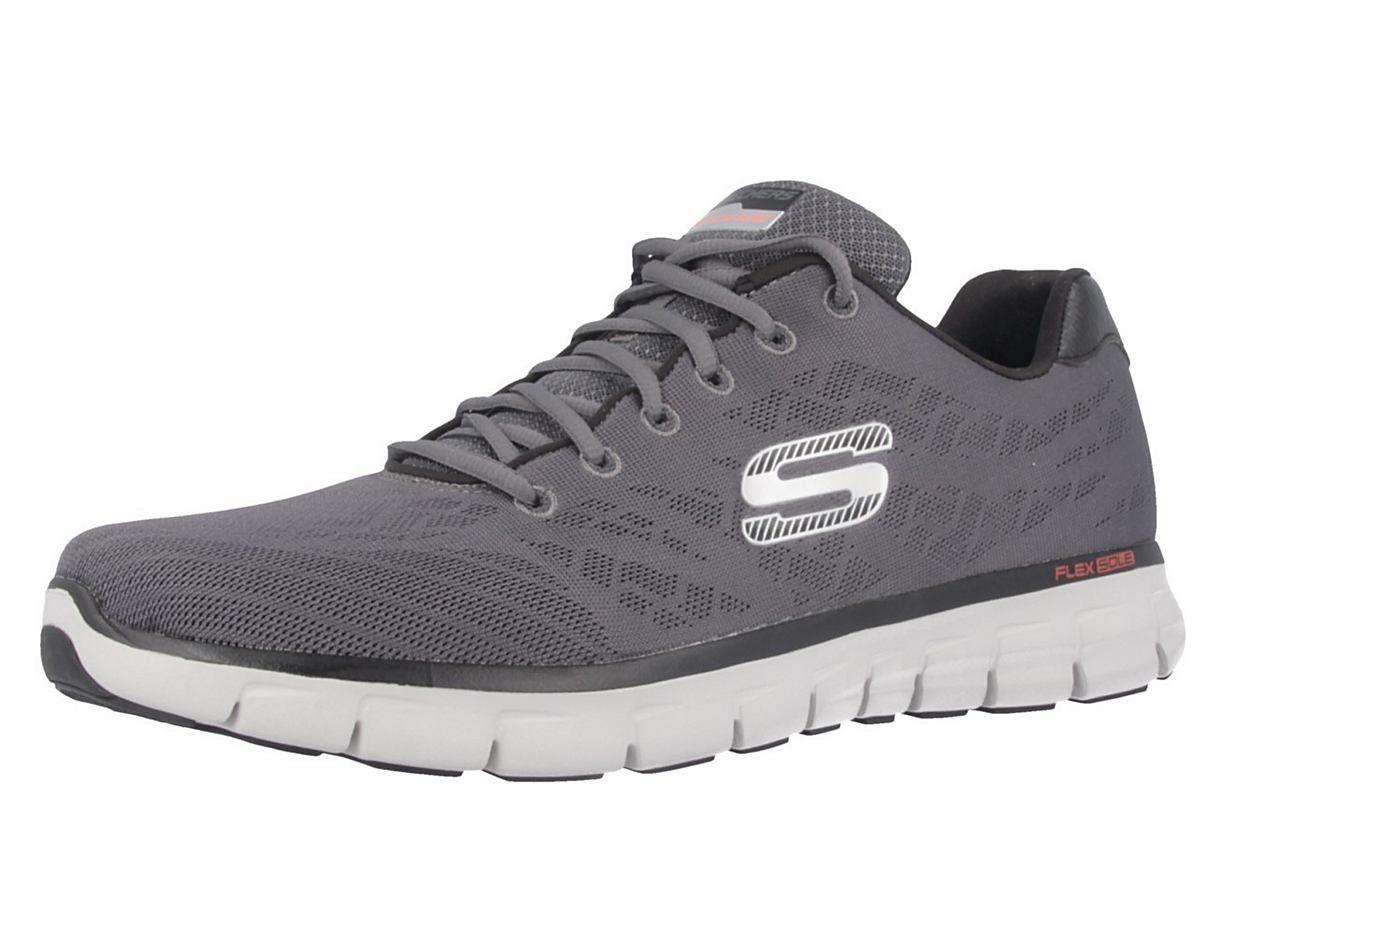 Skechers Sneaker | Produktkatalog | Pinterest | Skechers